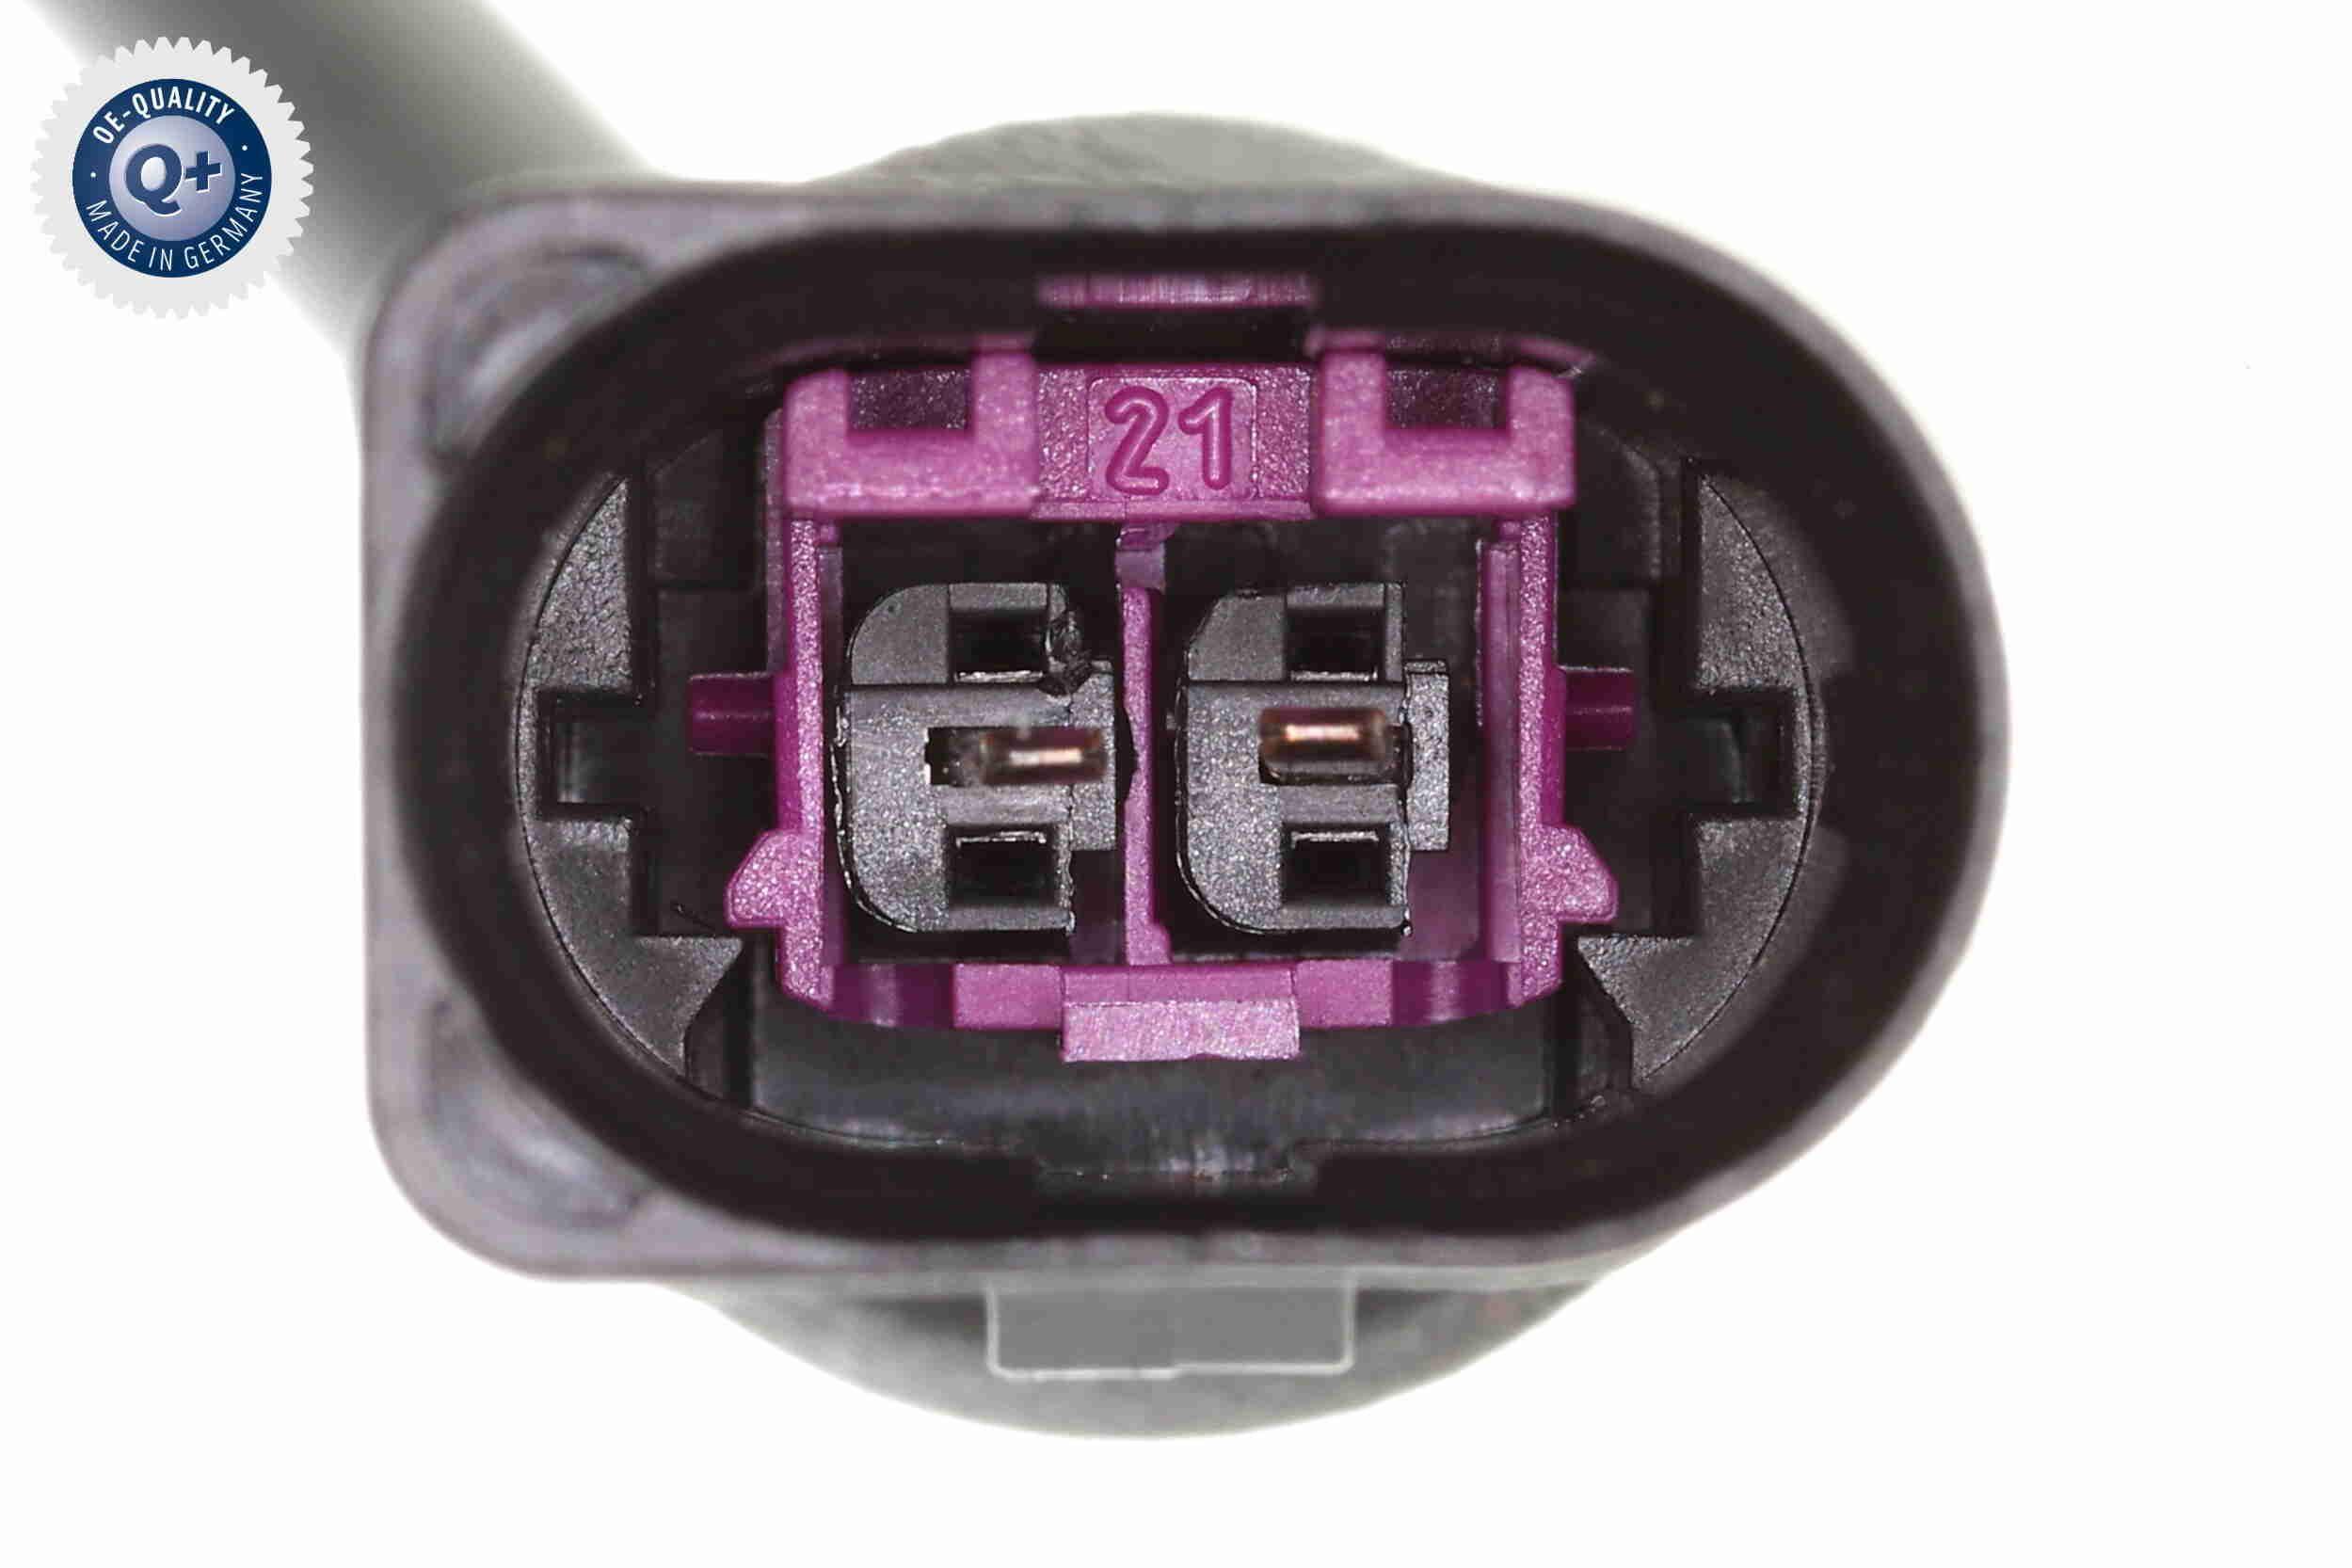 Ölniveausensor Opel Corsa D 2012 - VEMO V40-72-0493 ()